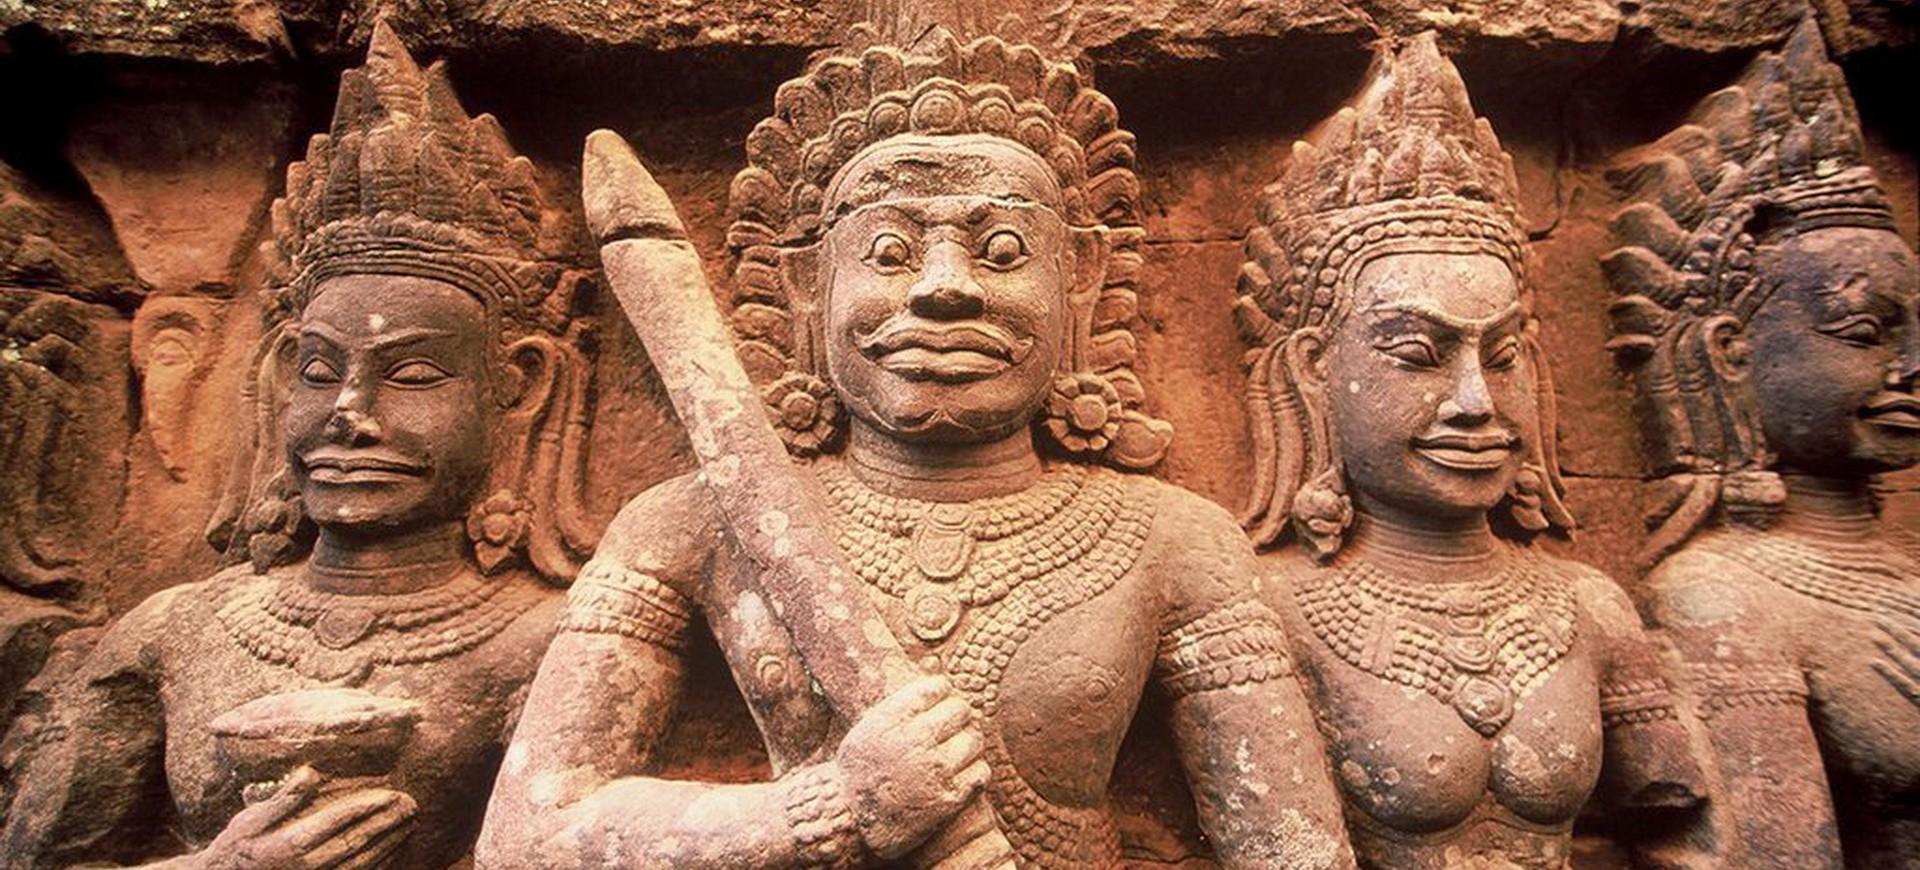 Cambodge Angkor Thom